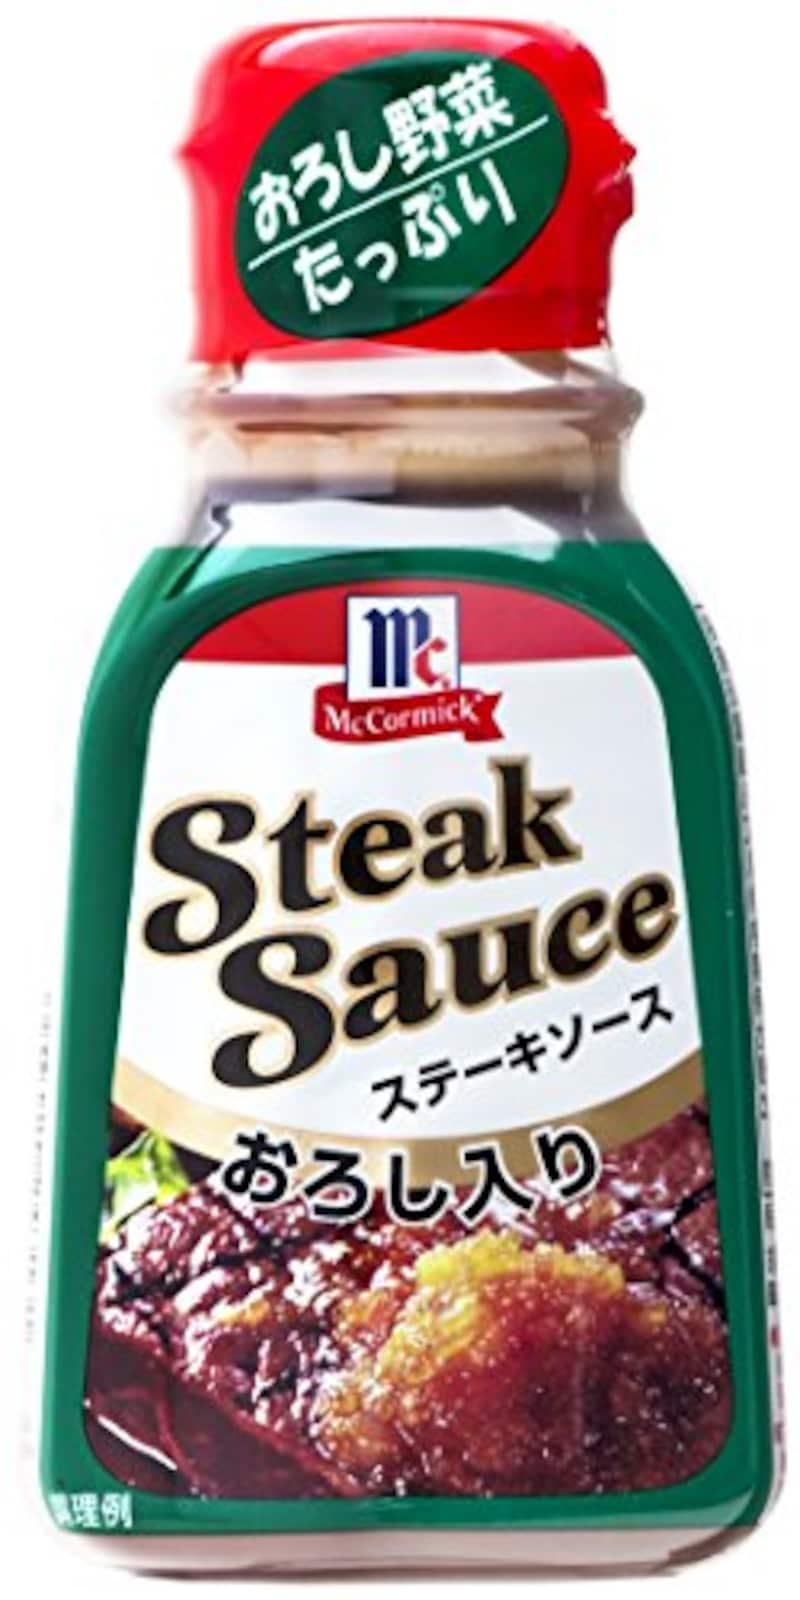 ユウキ食品, MC ステーキソースおろし入